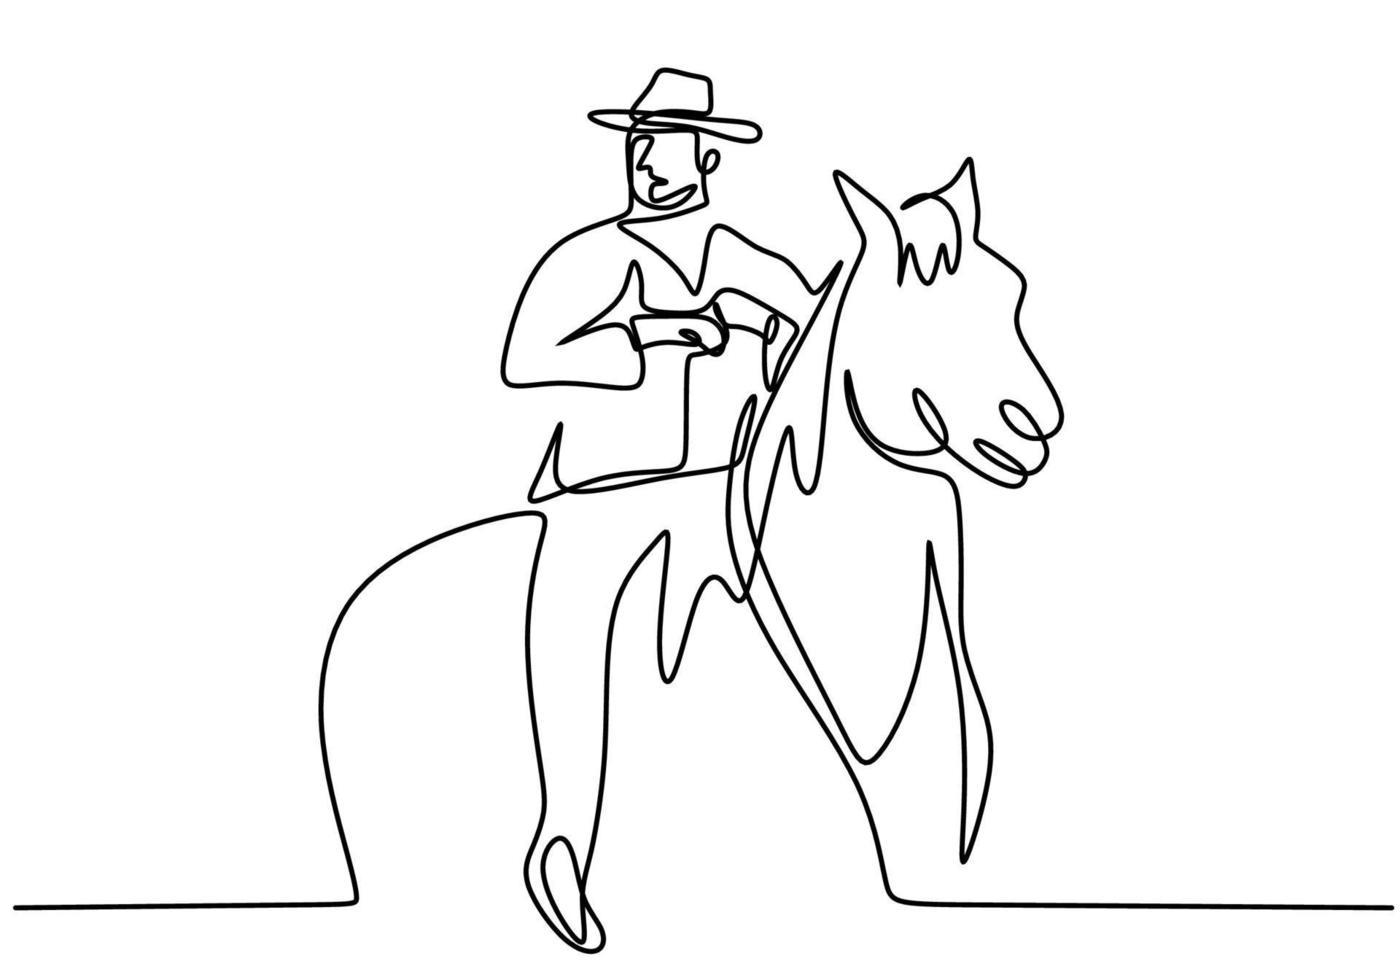 een doorlopende tekenlijn jonge man met een cowboyhoed op een paard. senior mannen vormen elegantie te paard minimalistisch concept geïsoleerd op een witte achtergrond. modern hand tekenen ontwerp vector